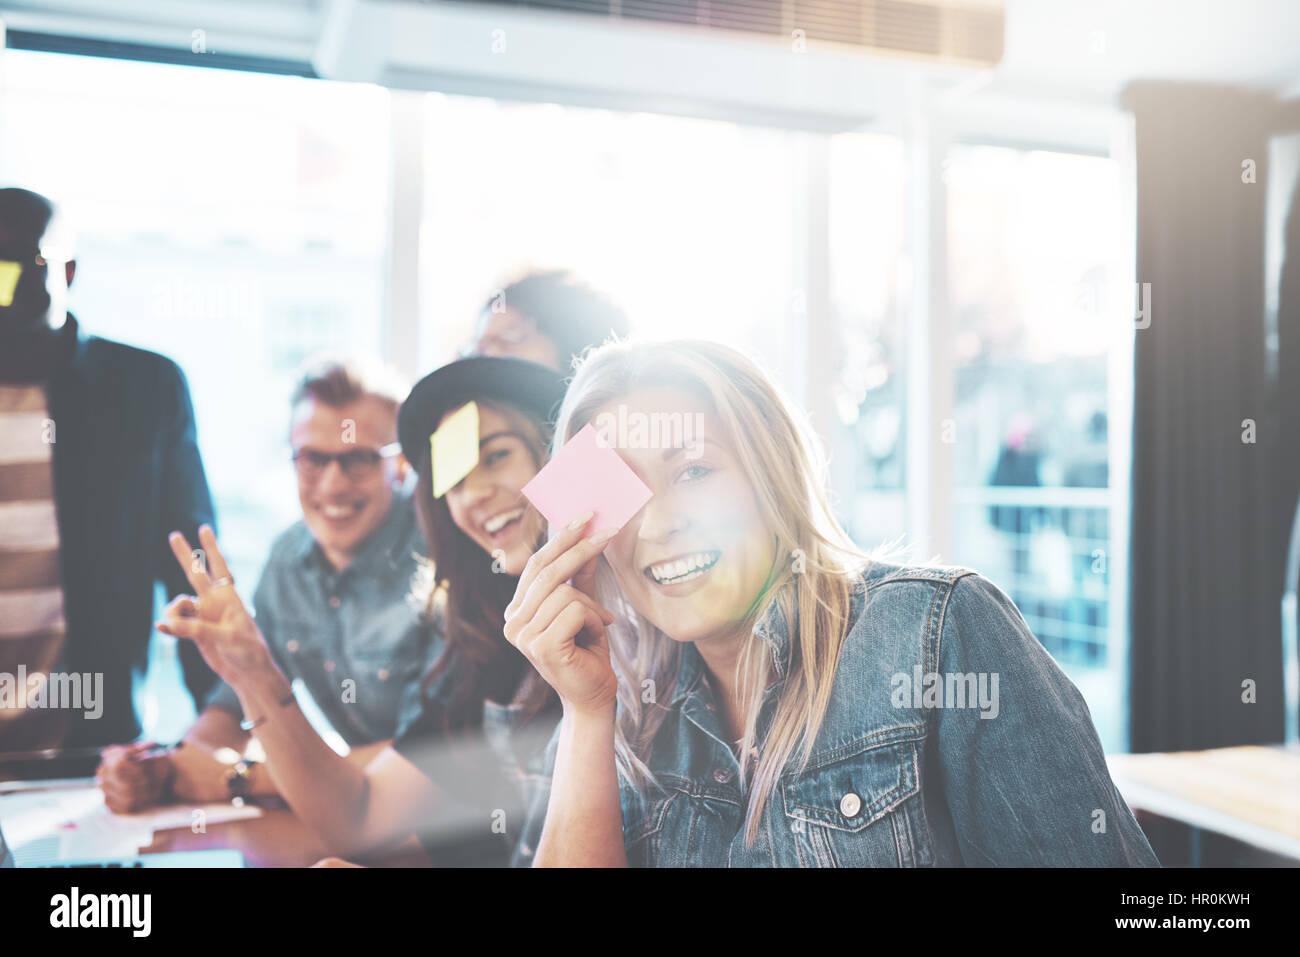 Beaux jeunes gens jouant Nom du jeu, deux femmes et hommes posant à l'appareil photo contre fenêtre lumineuse with Banque D'Images